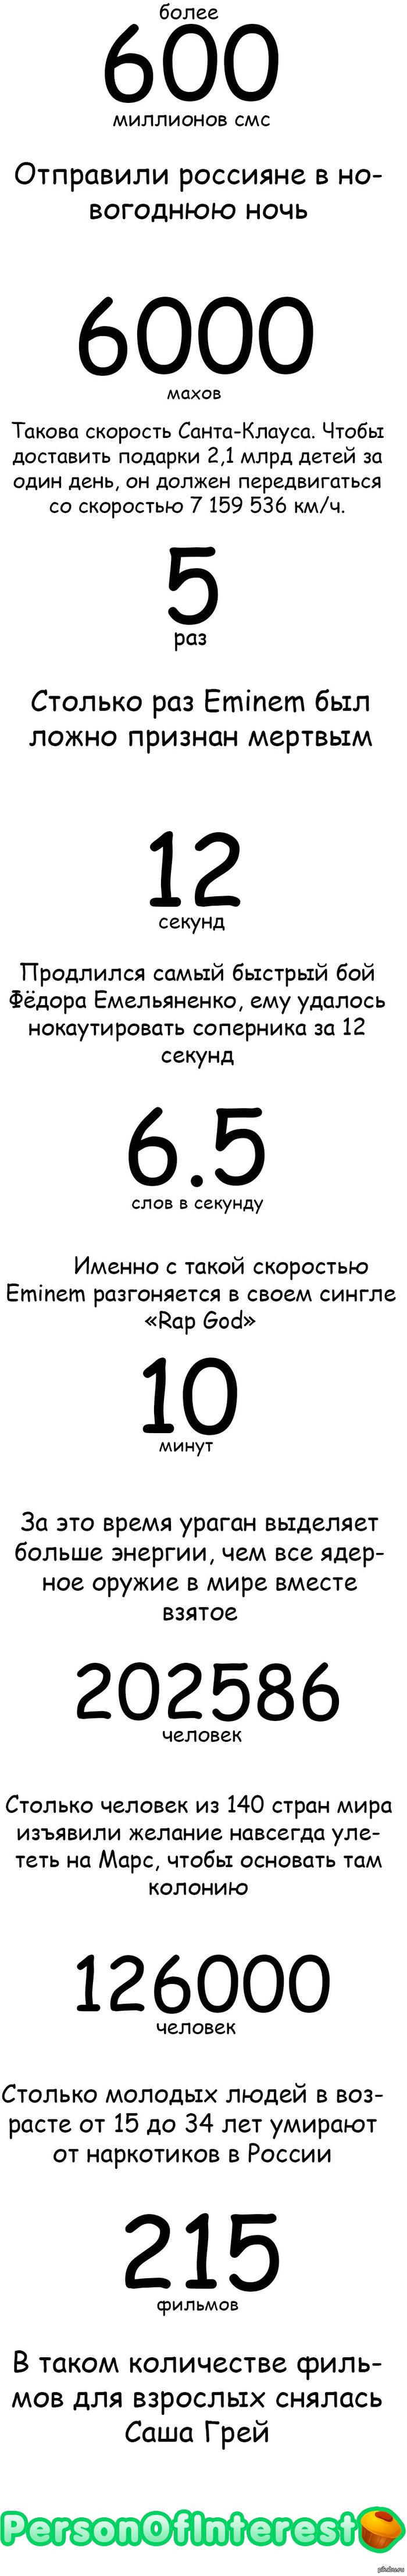 http://s.pikabu.ru/post_img/2014/01/09/11/1389292362_802782287.png